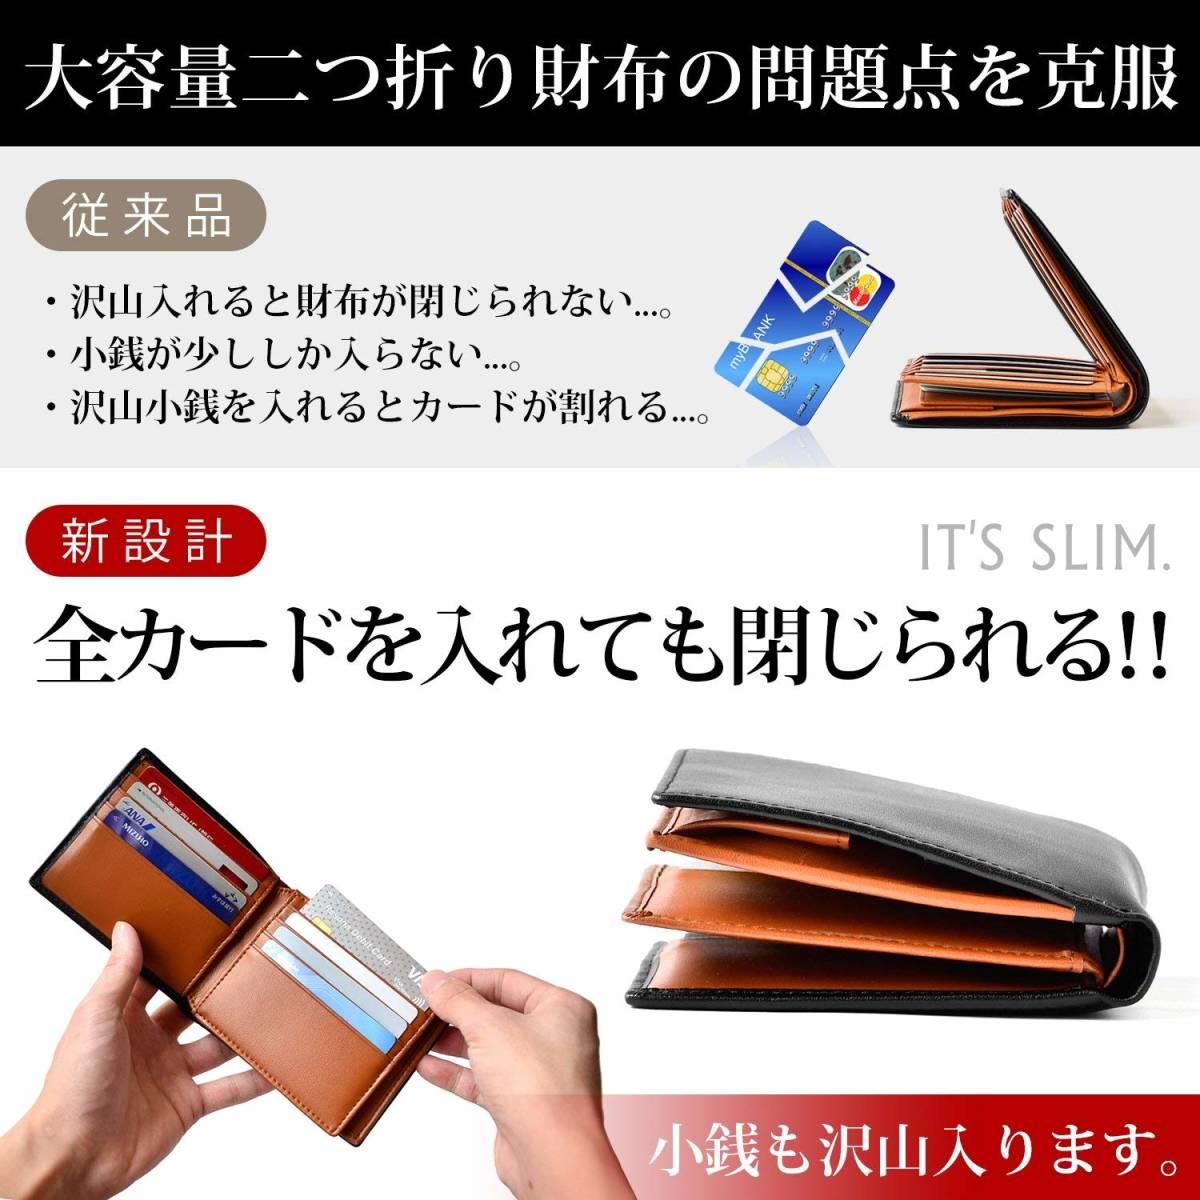 【送料無料】 [Le sourire] 二つ折り 財布 カード18枚収納 ボックス型小銭入れ 本革 メンズ ブラック ブラウン 黒 茶色_画像4